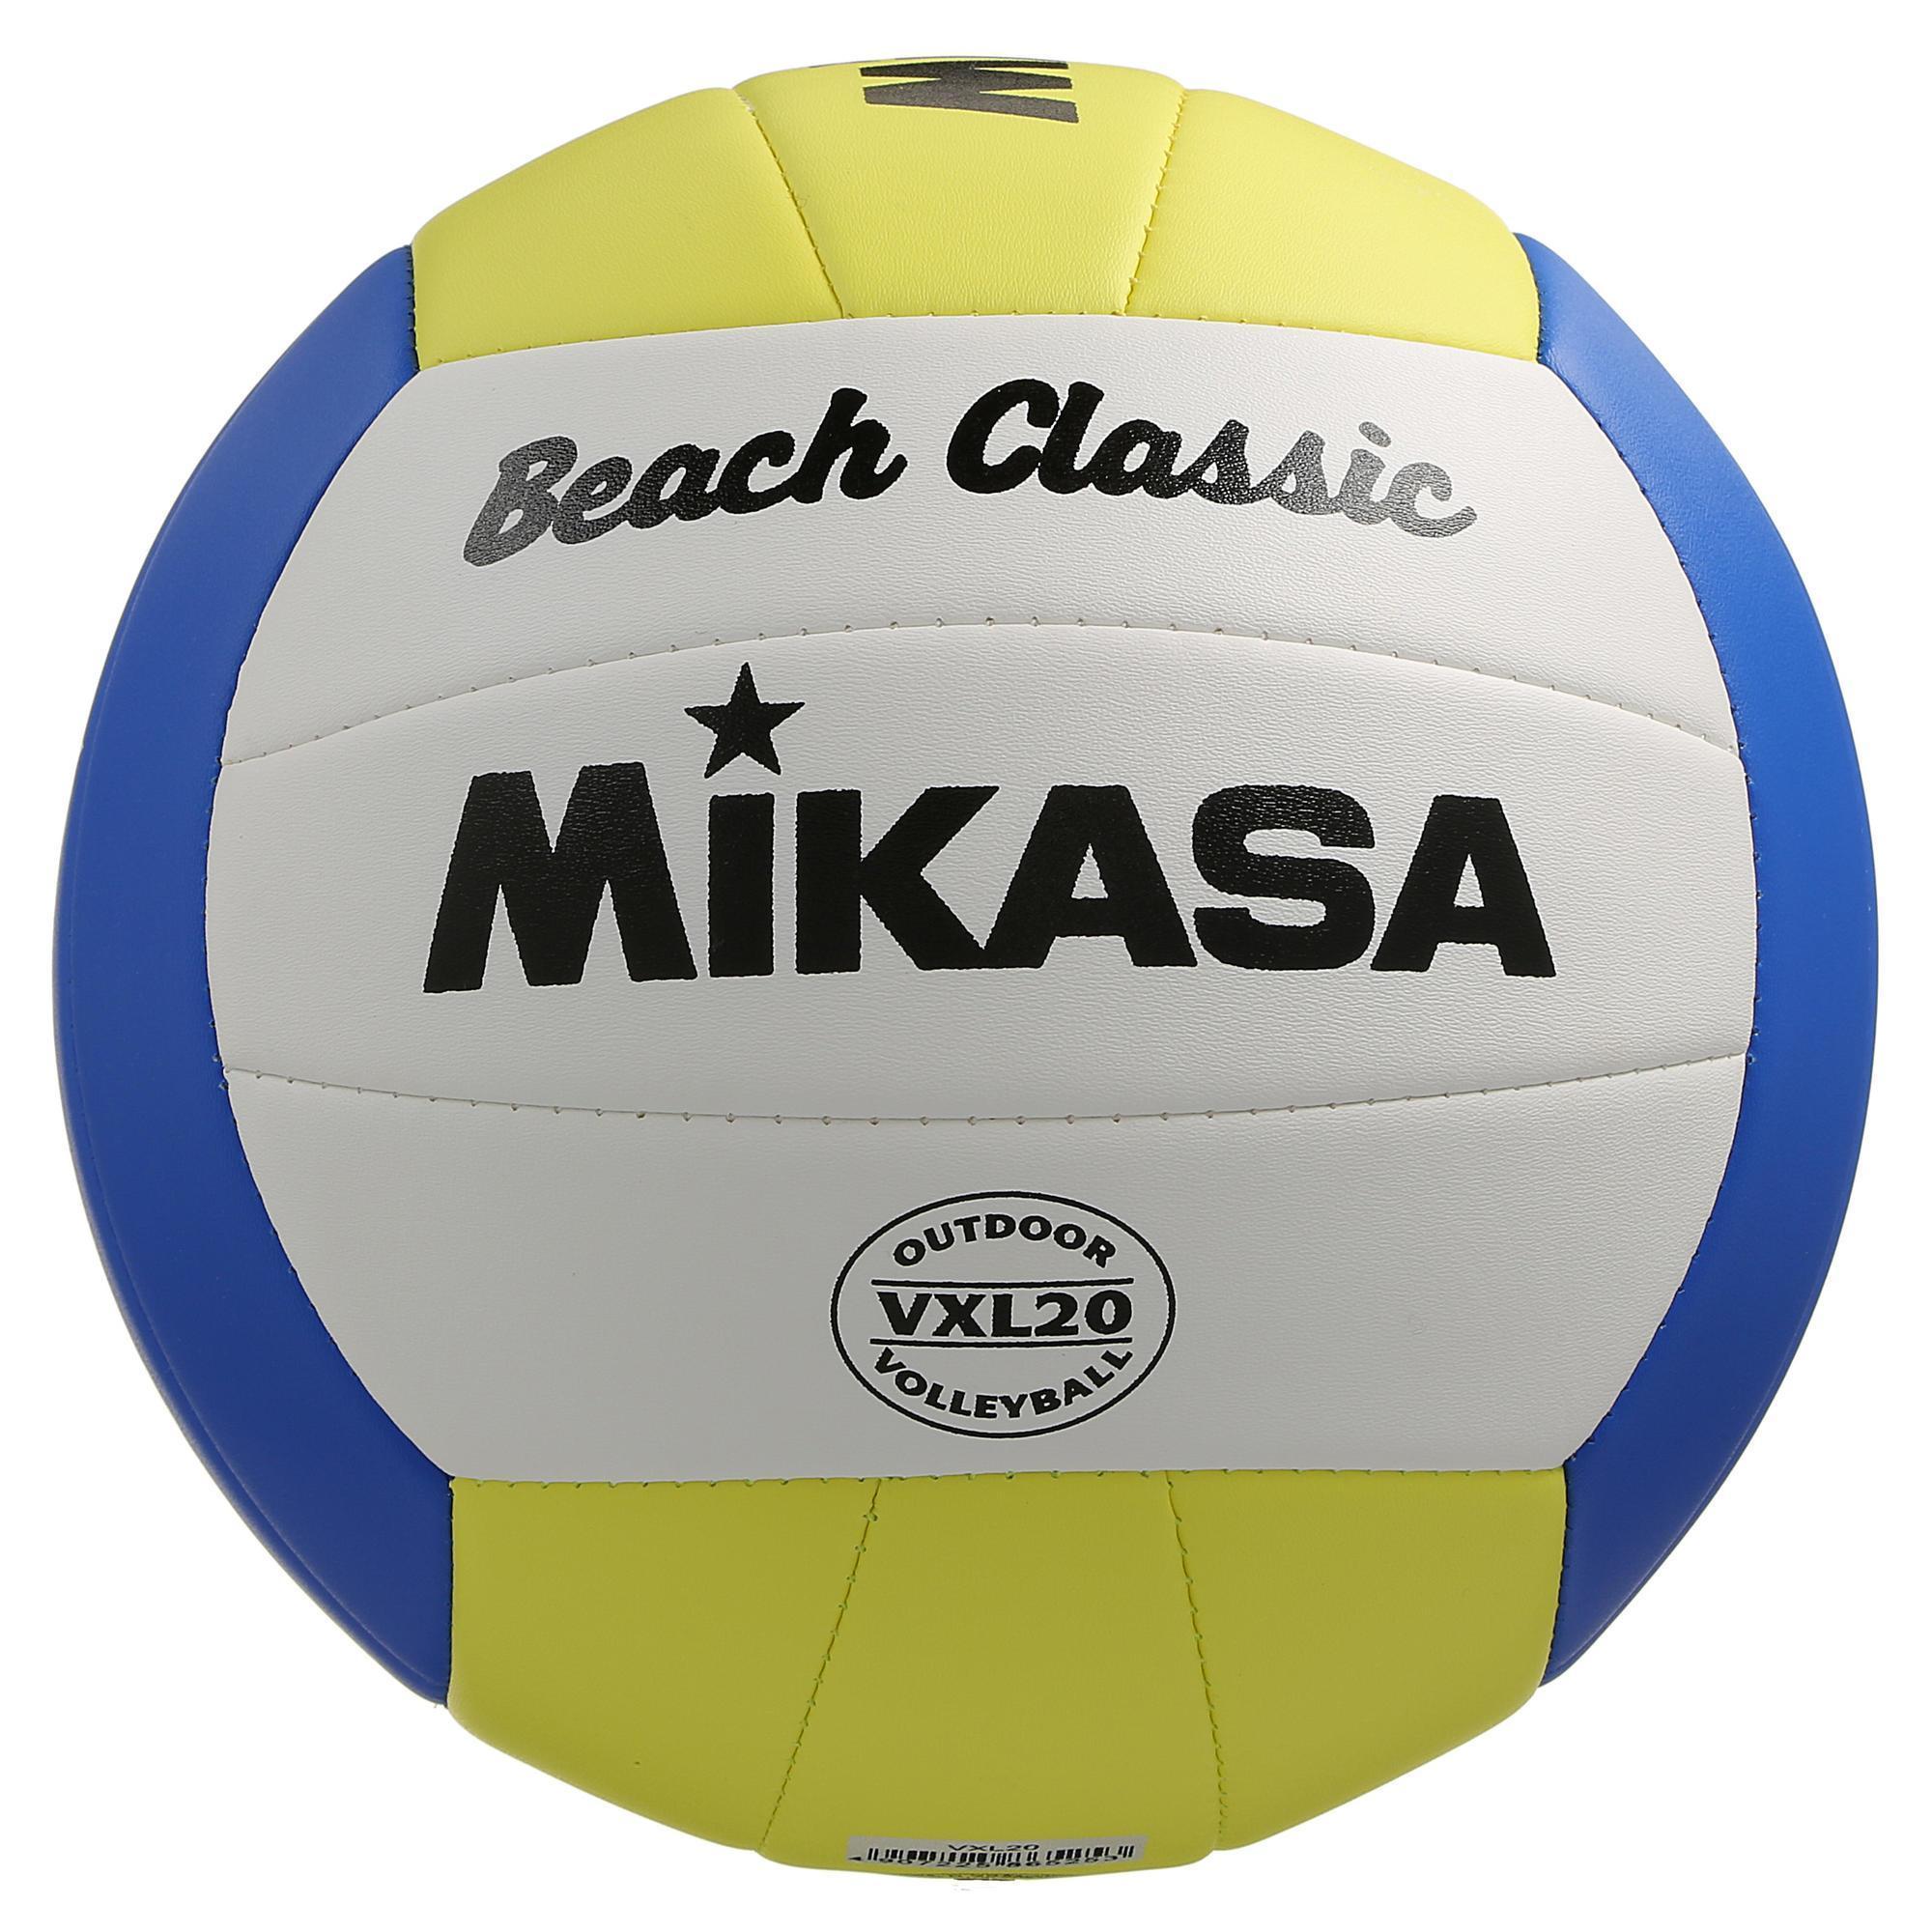 Comprar Balones y Pelotas de Voley Playa  11e41bd23484d